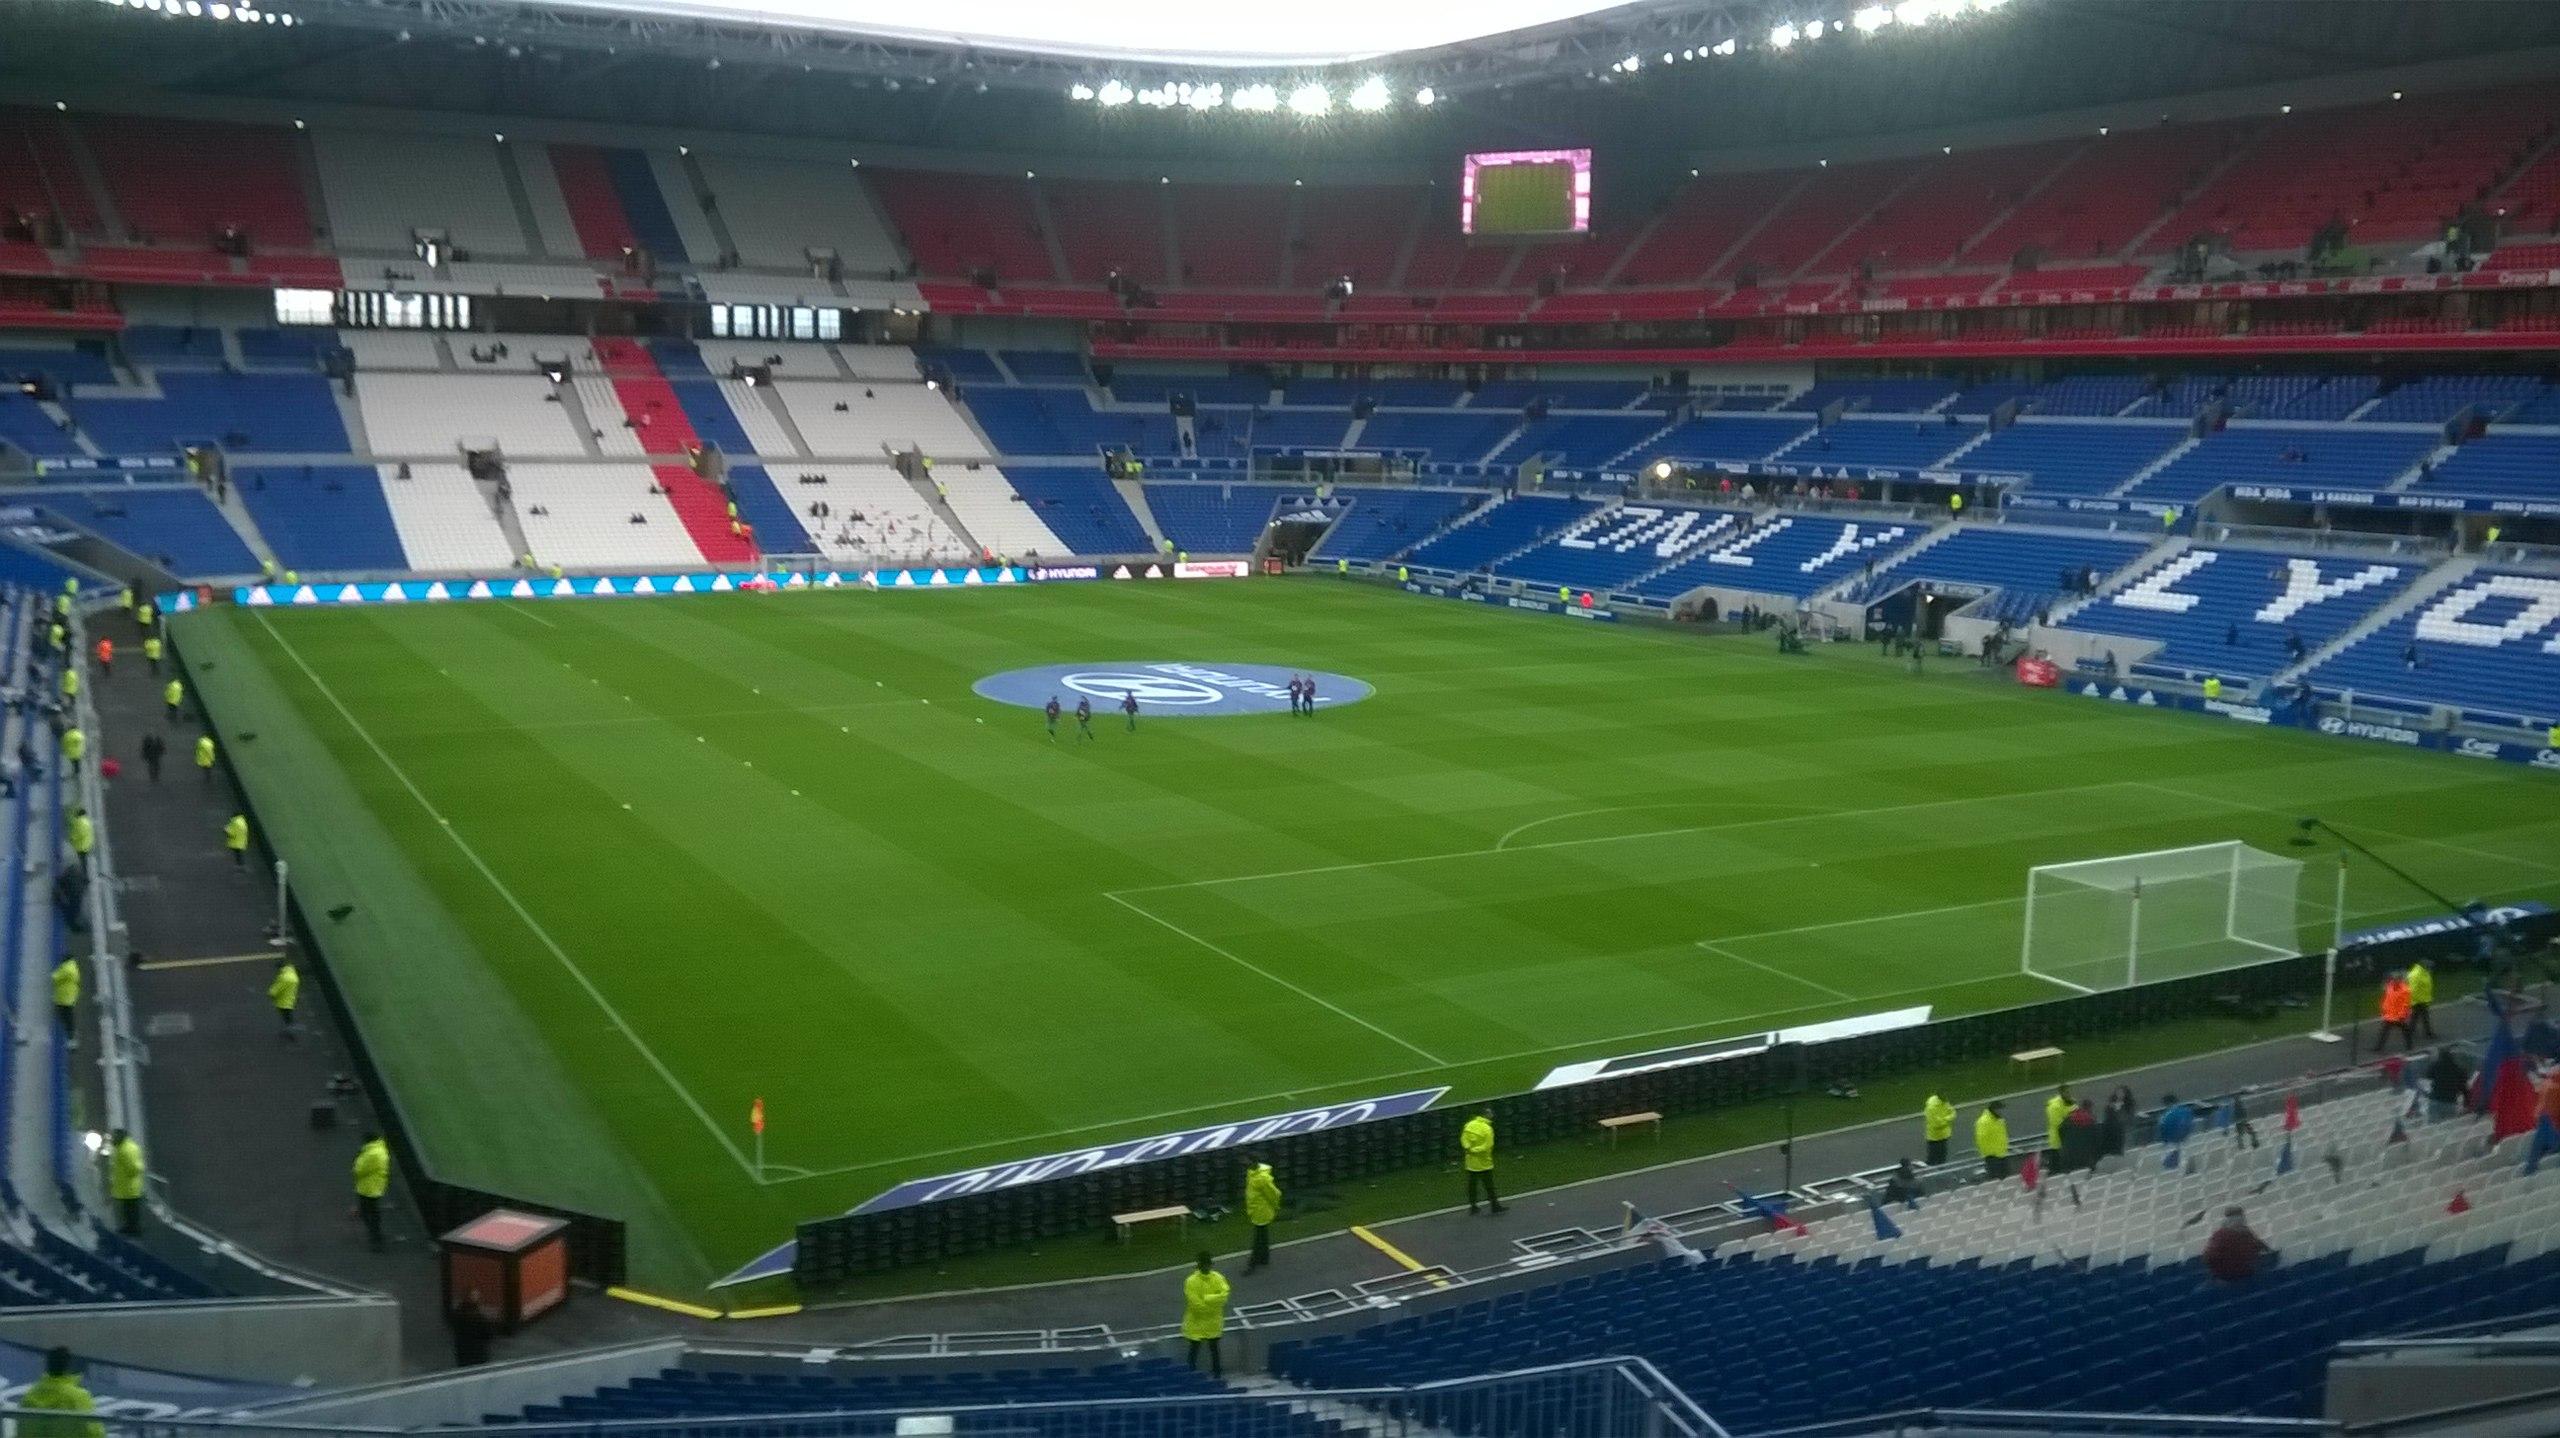 Sân vận động Parc Olympique Lyonnais - Sân nhà câu lạc bộ Lyon  hình ảnh